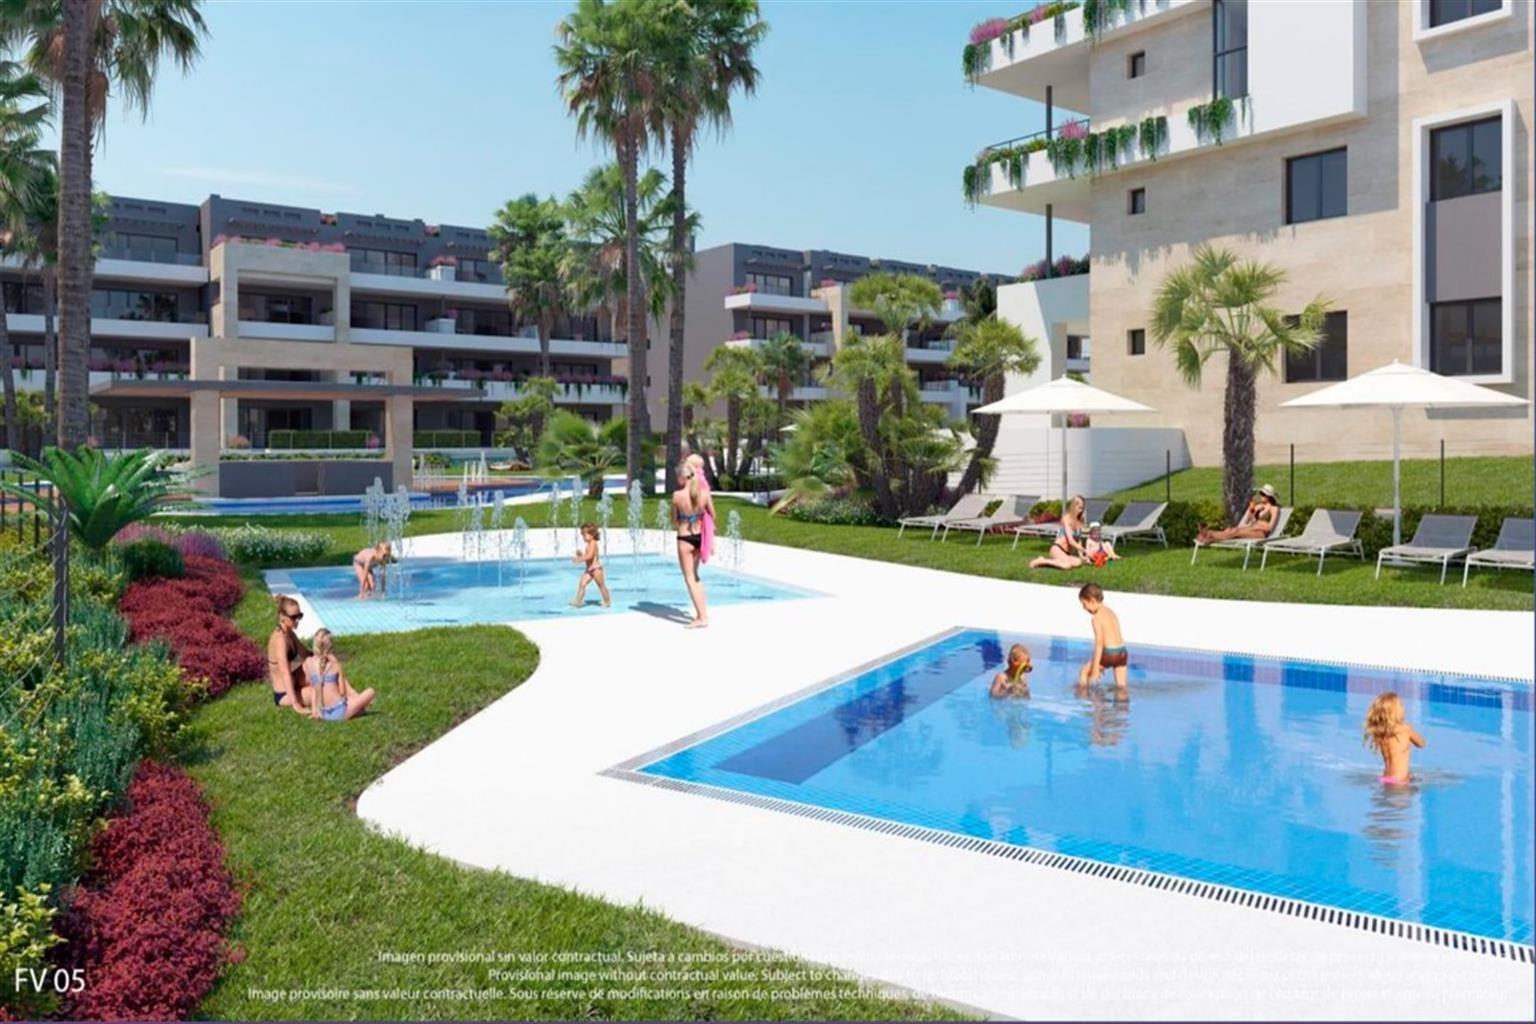 Appartement - Orihuela Costa - #4228409-25